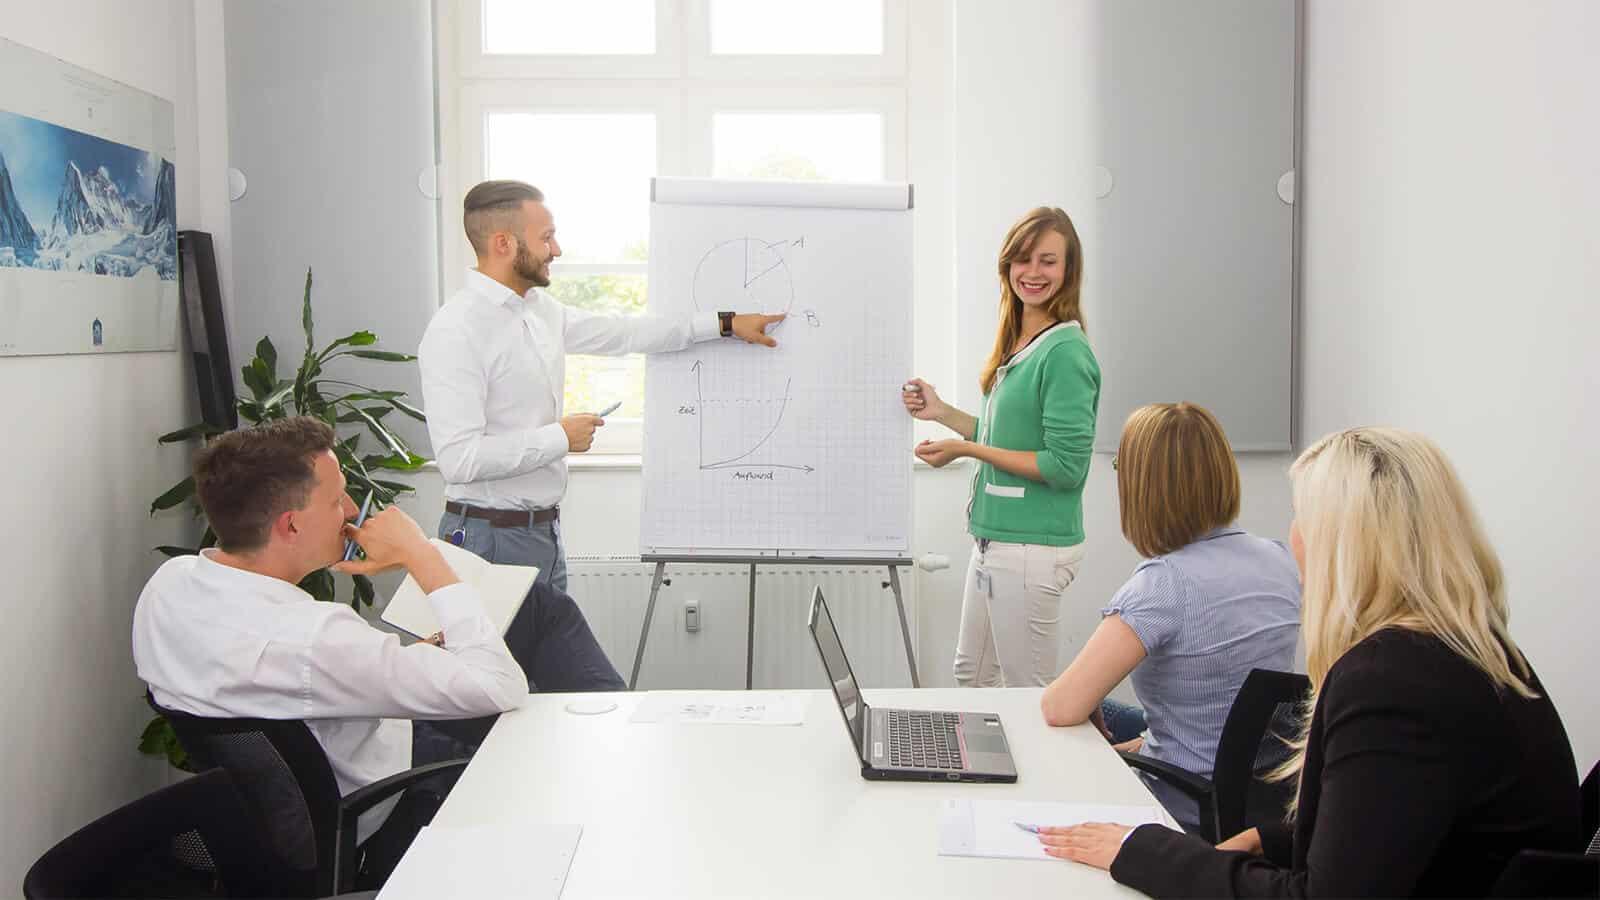 Mit der richtigen Organisations- und Prozessberatung verkürzen sich die Laufzeiten von Projekten